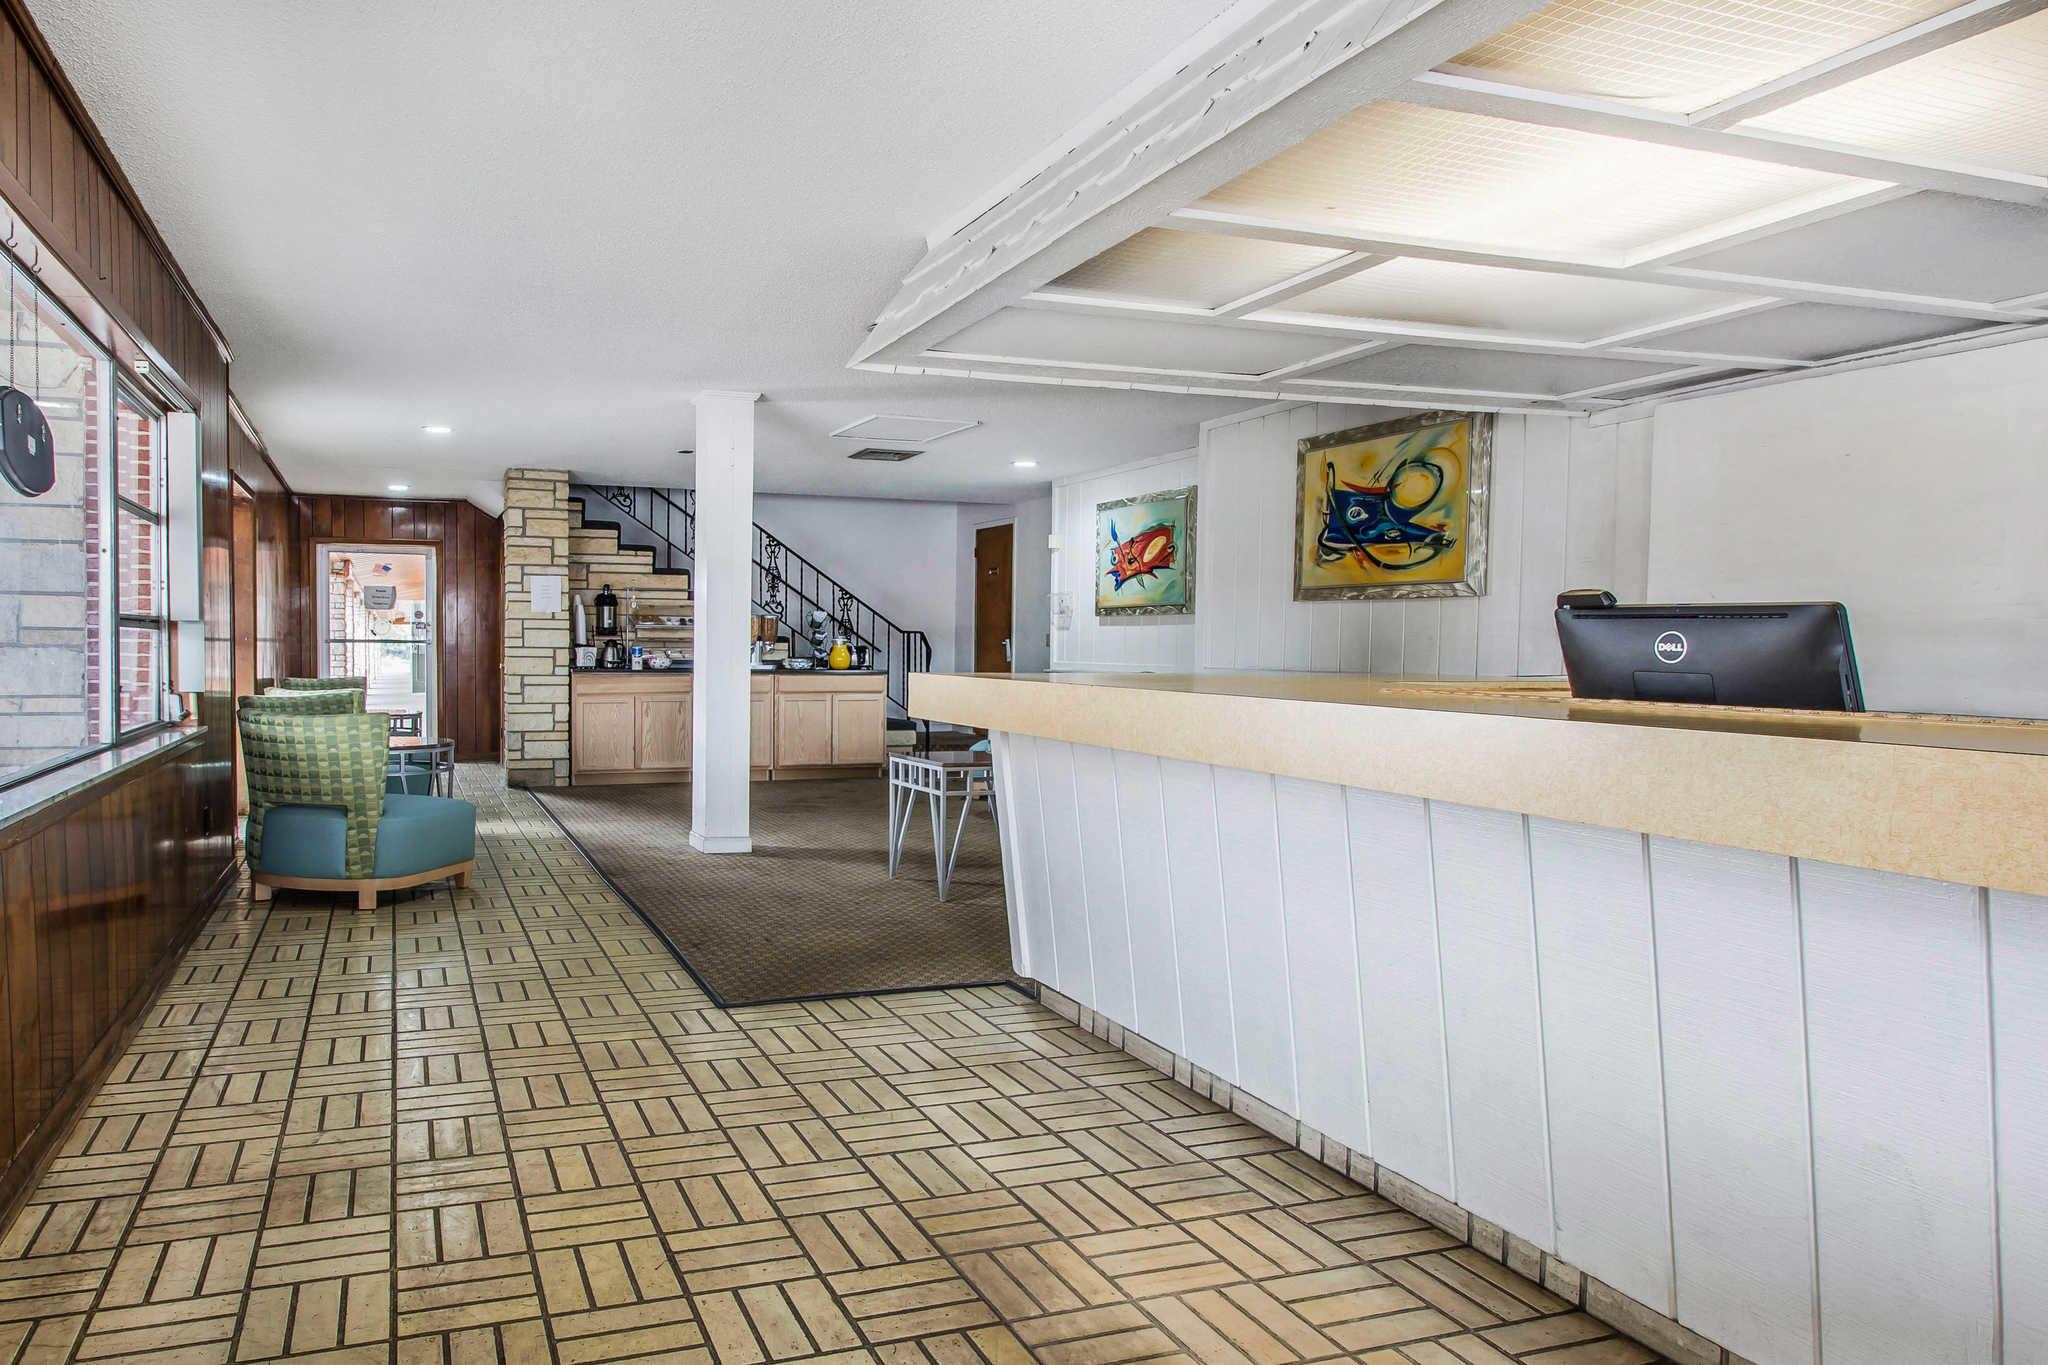 rodeway inn u0026 suites 1911 cypress gardens blvd winter haven fl